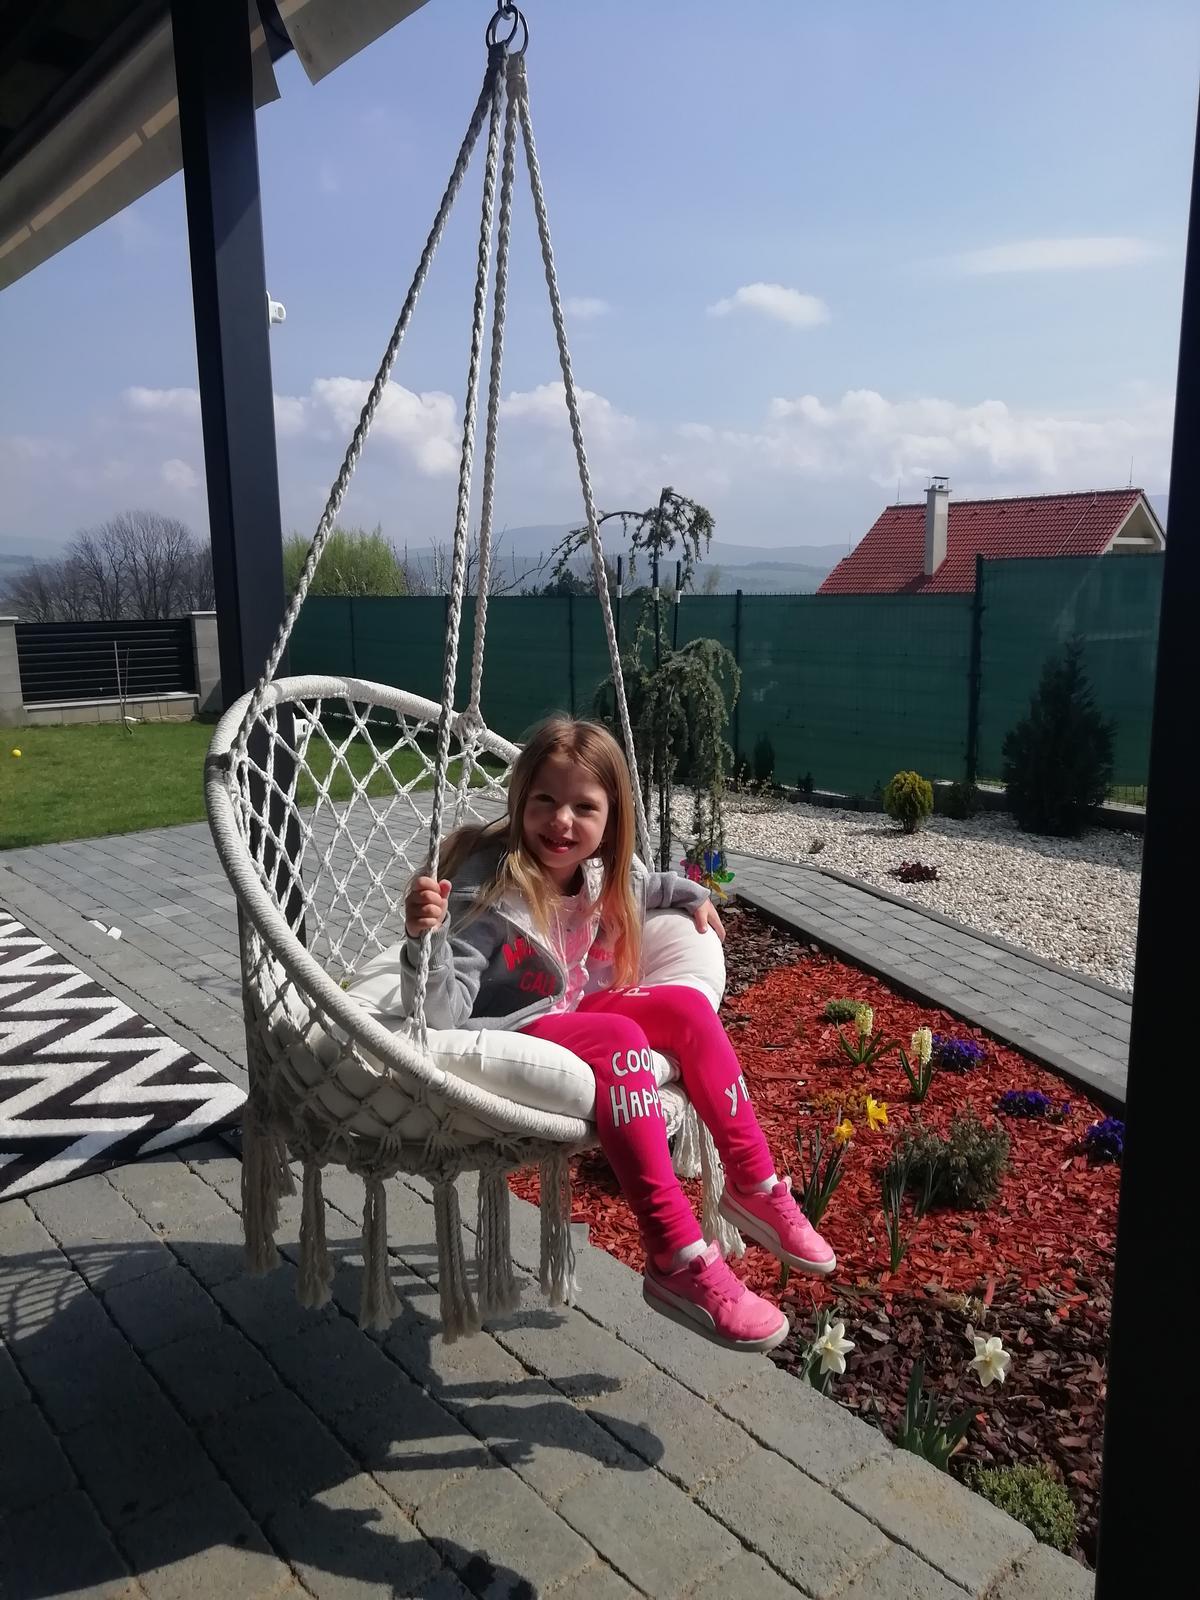 Záhradka 2019/20 bývame 4 a 5 rok :-) - Jedna dcérka ❤️